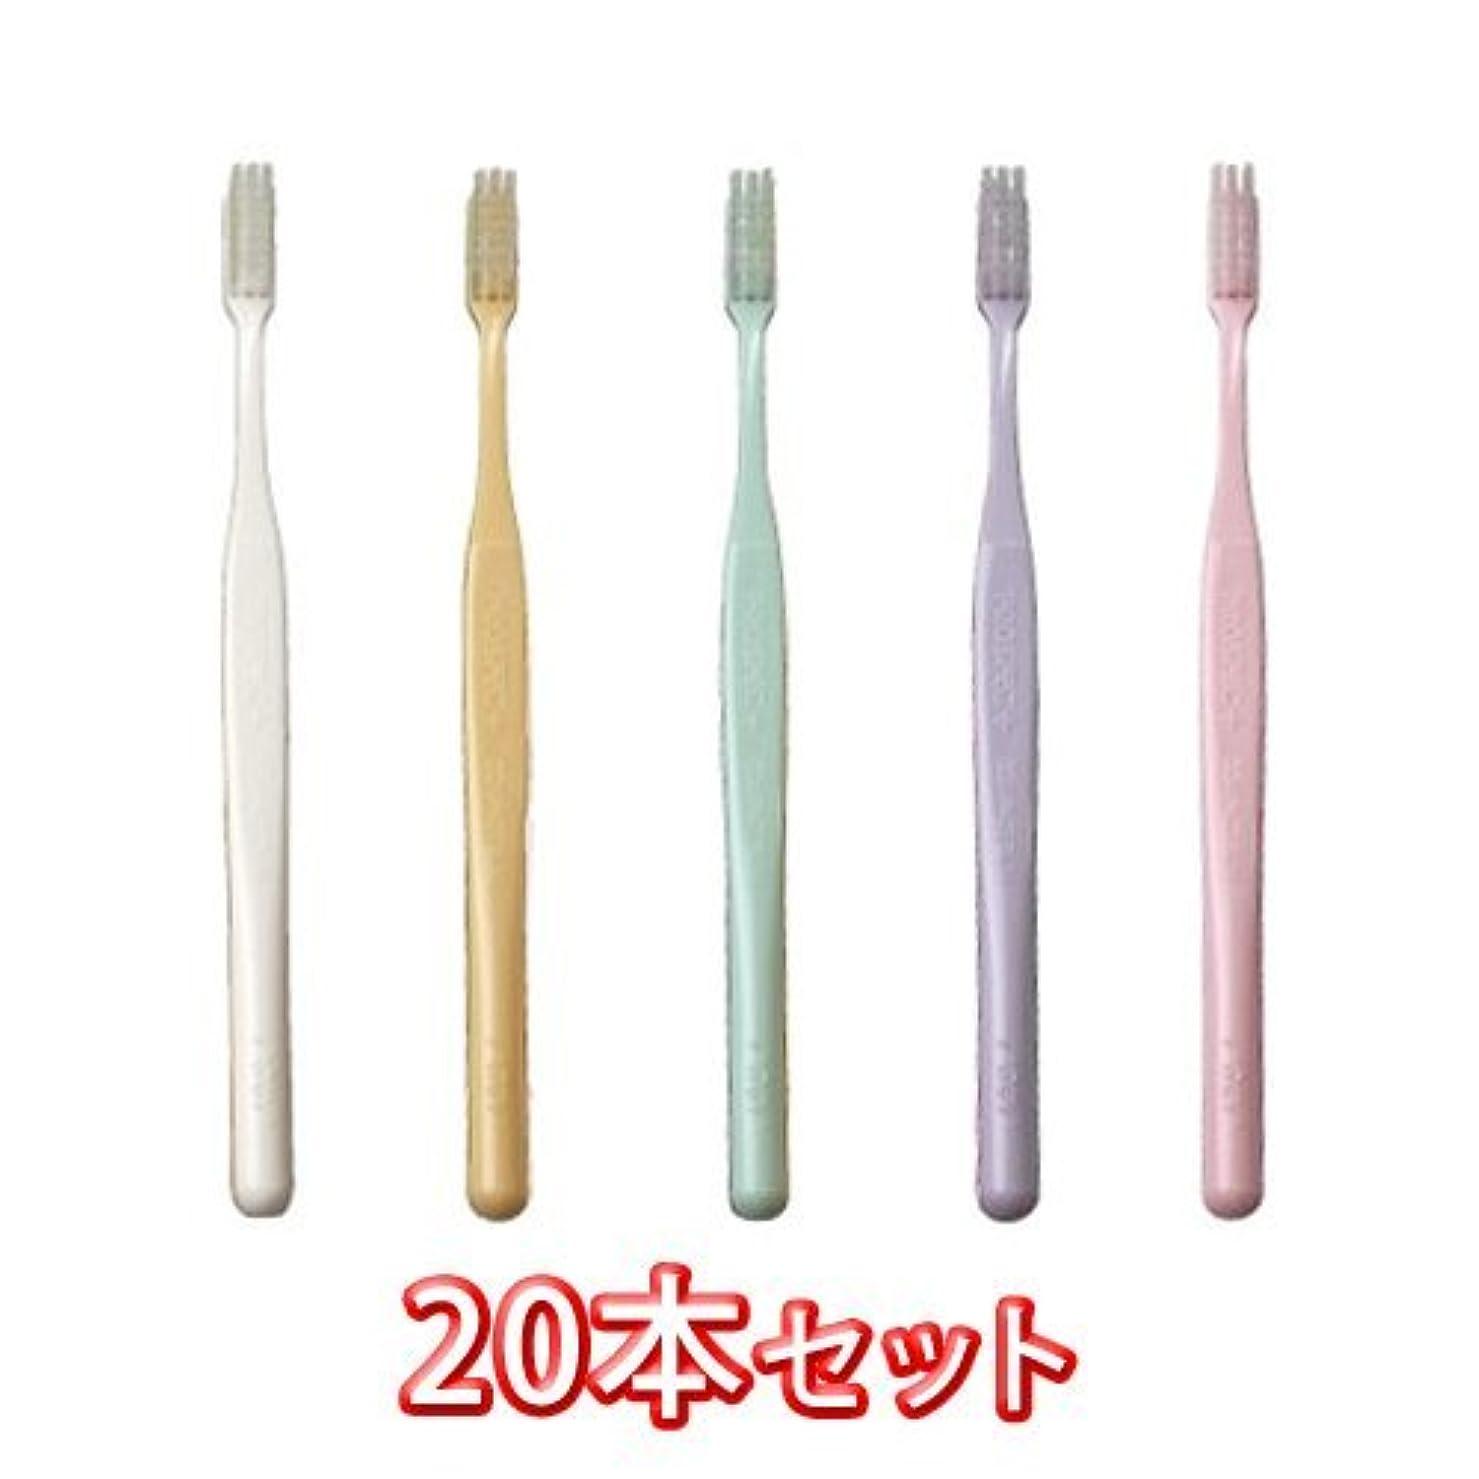 代表するガスまともなプロスペック 歯ブラシ プラス コンパクトスリム 20本入 ふつう色 S やわらかめ